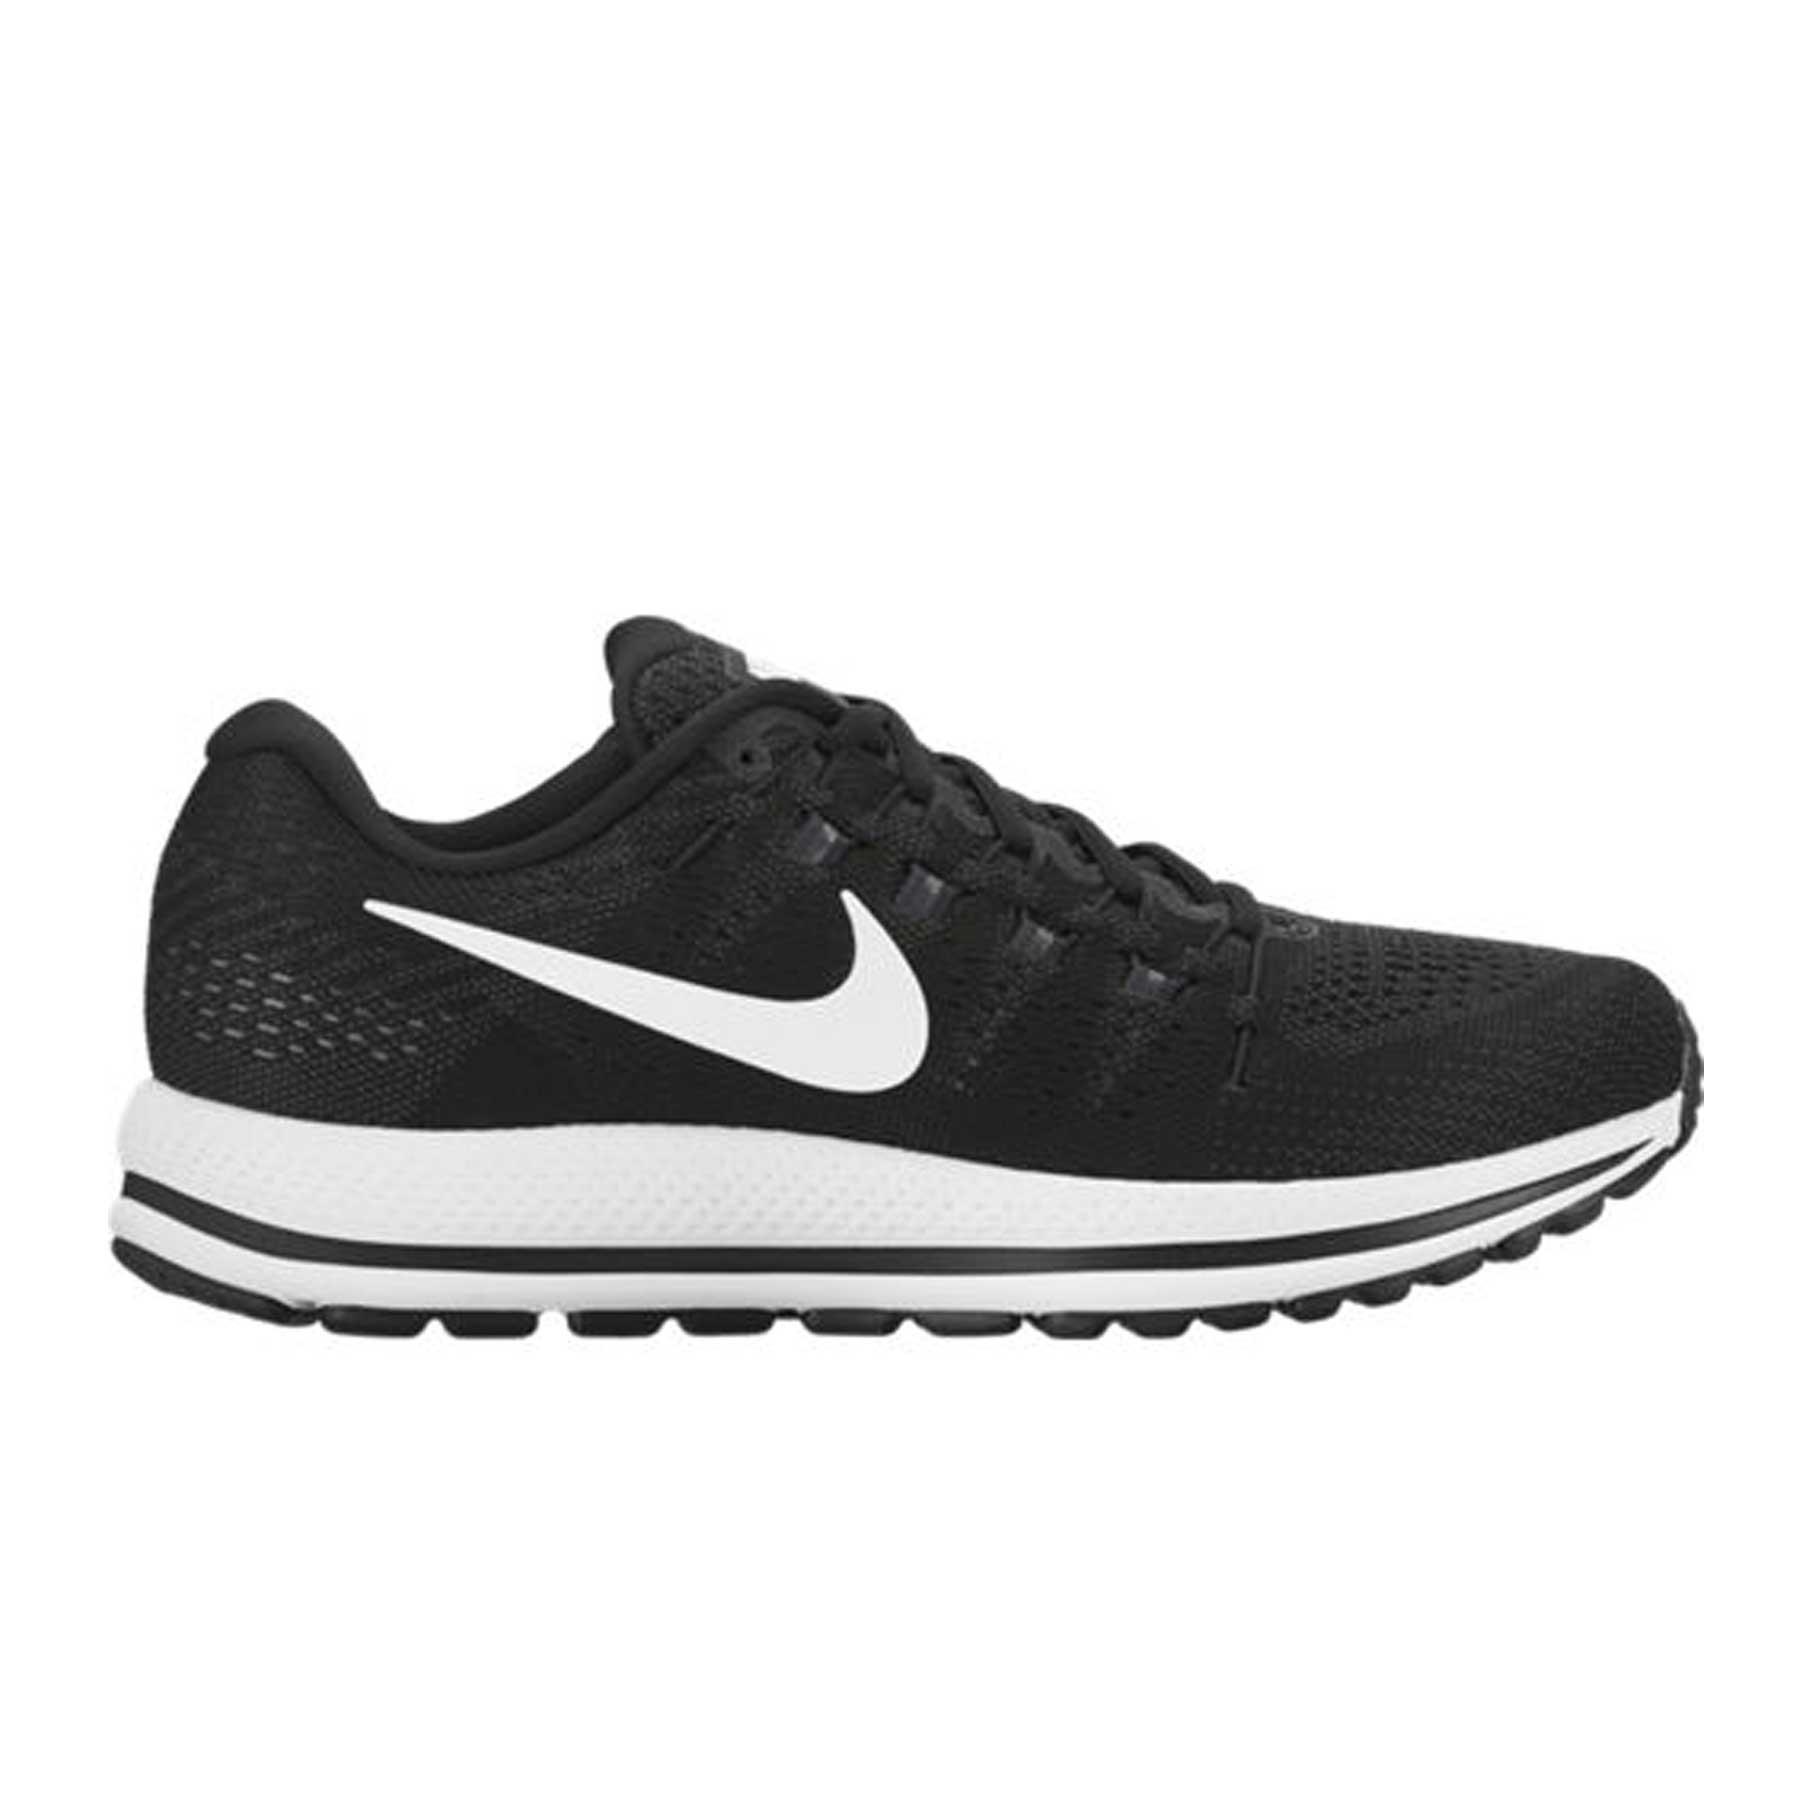 Runnea Vomero Recensioni E Zoom Running Scarpe Consigli Nike 12 Air qExzwn1fF